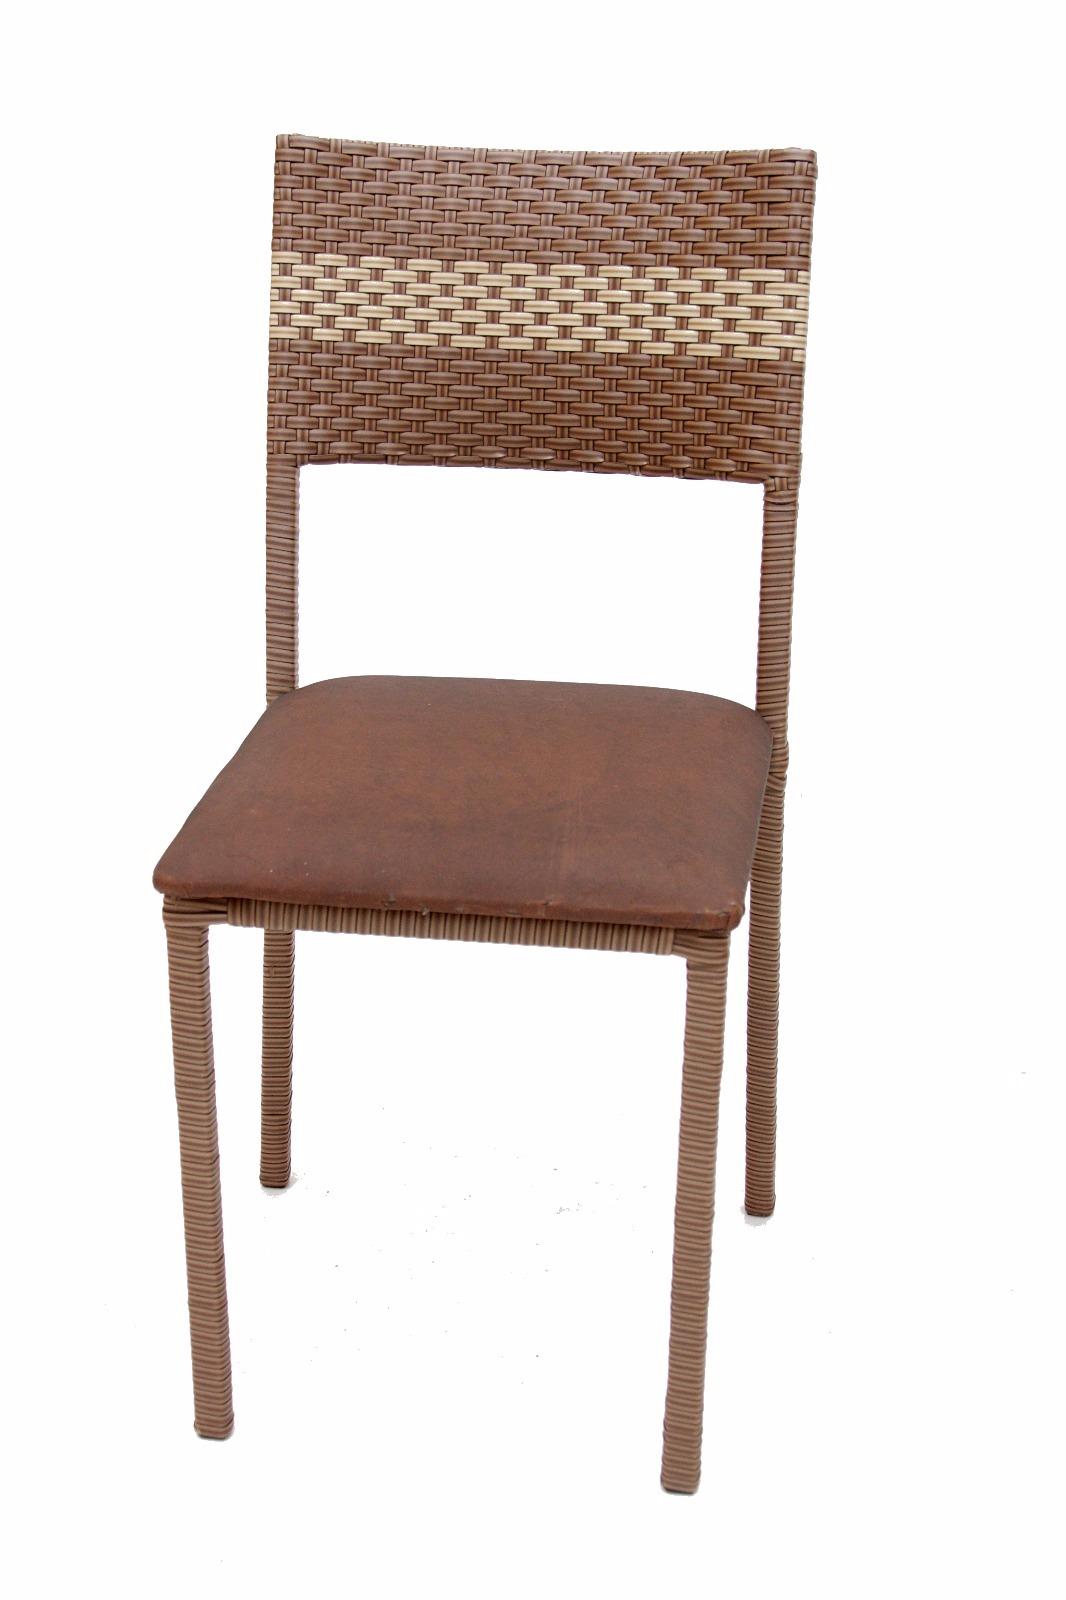 de ferro remo cadeira de ferro comum todos os modelos cadeira de ferro  #492818 1066x1600